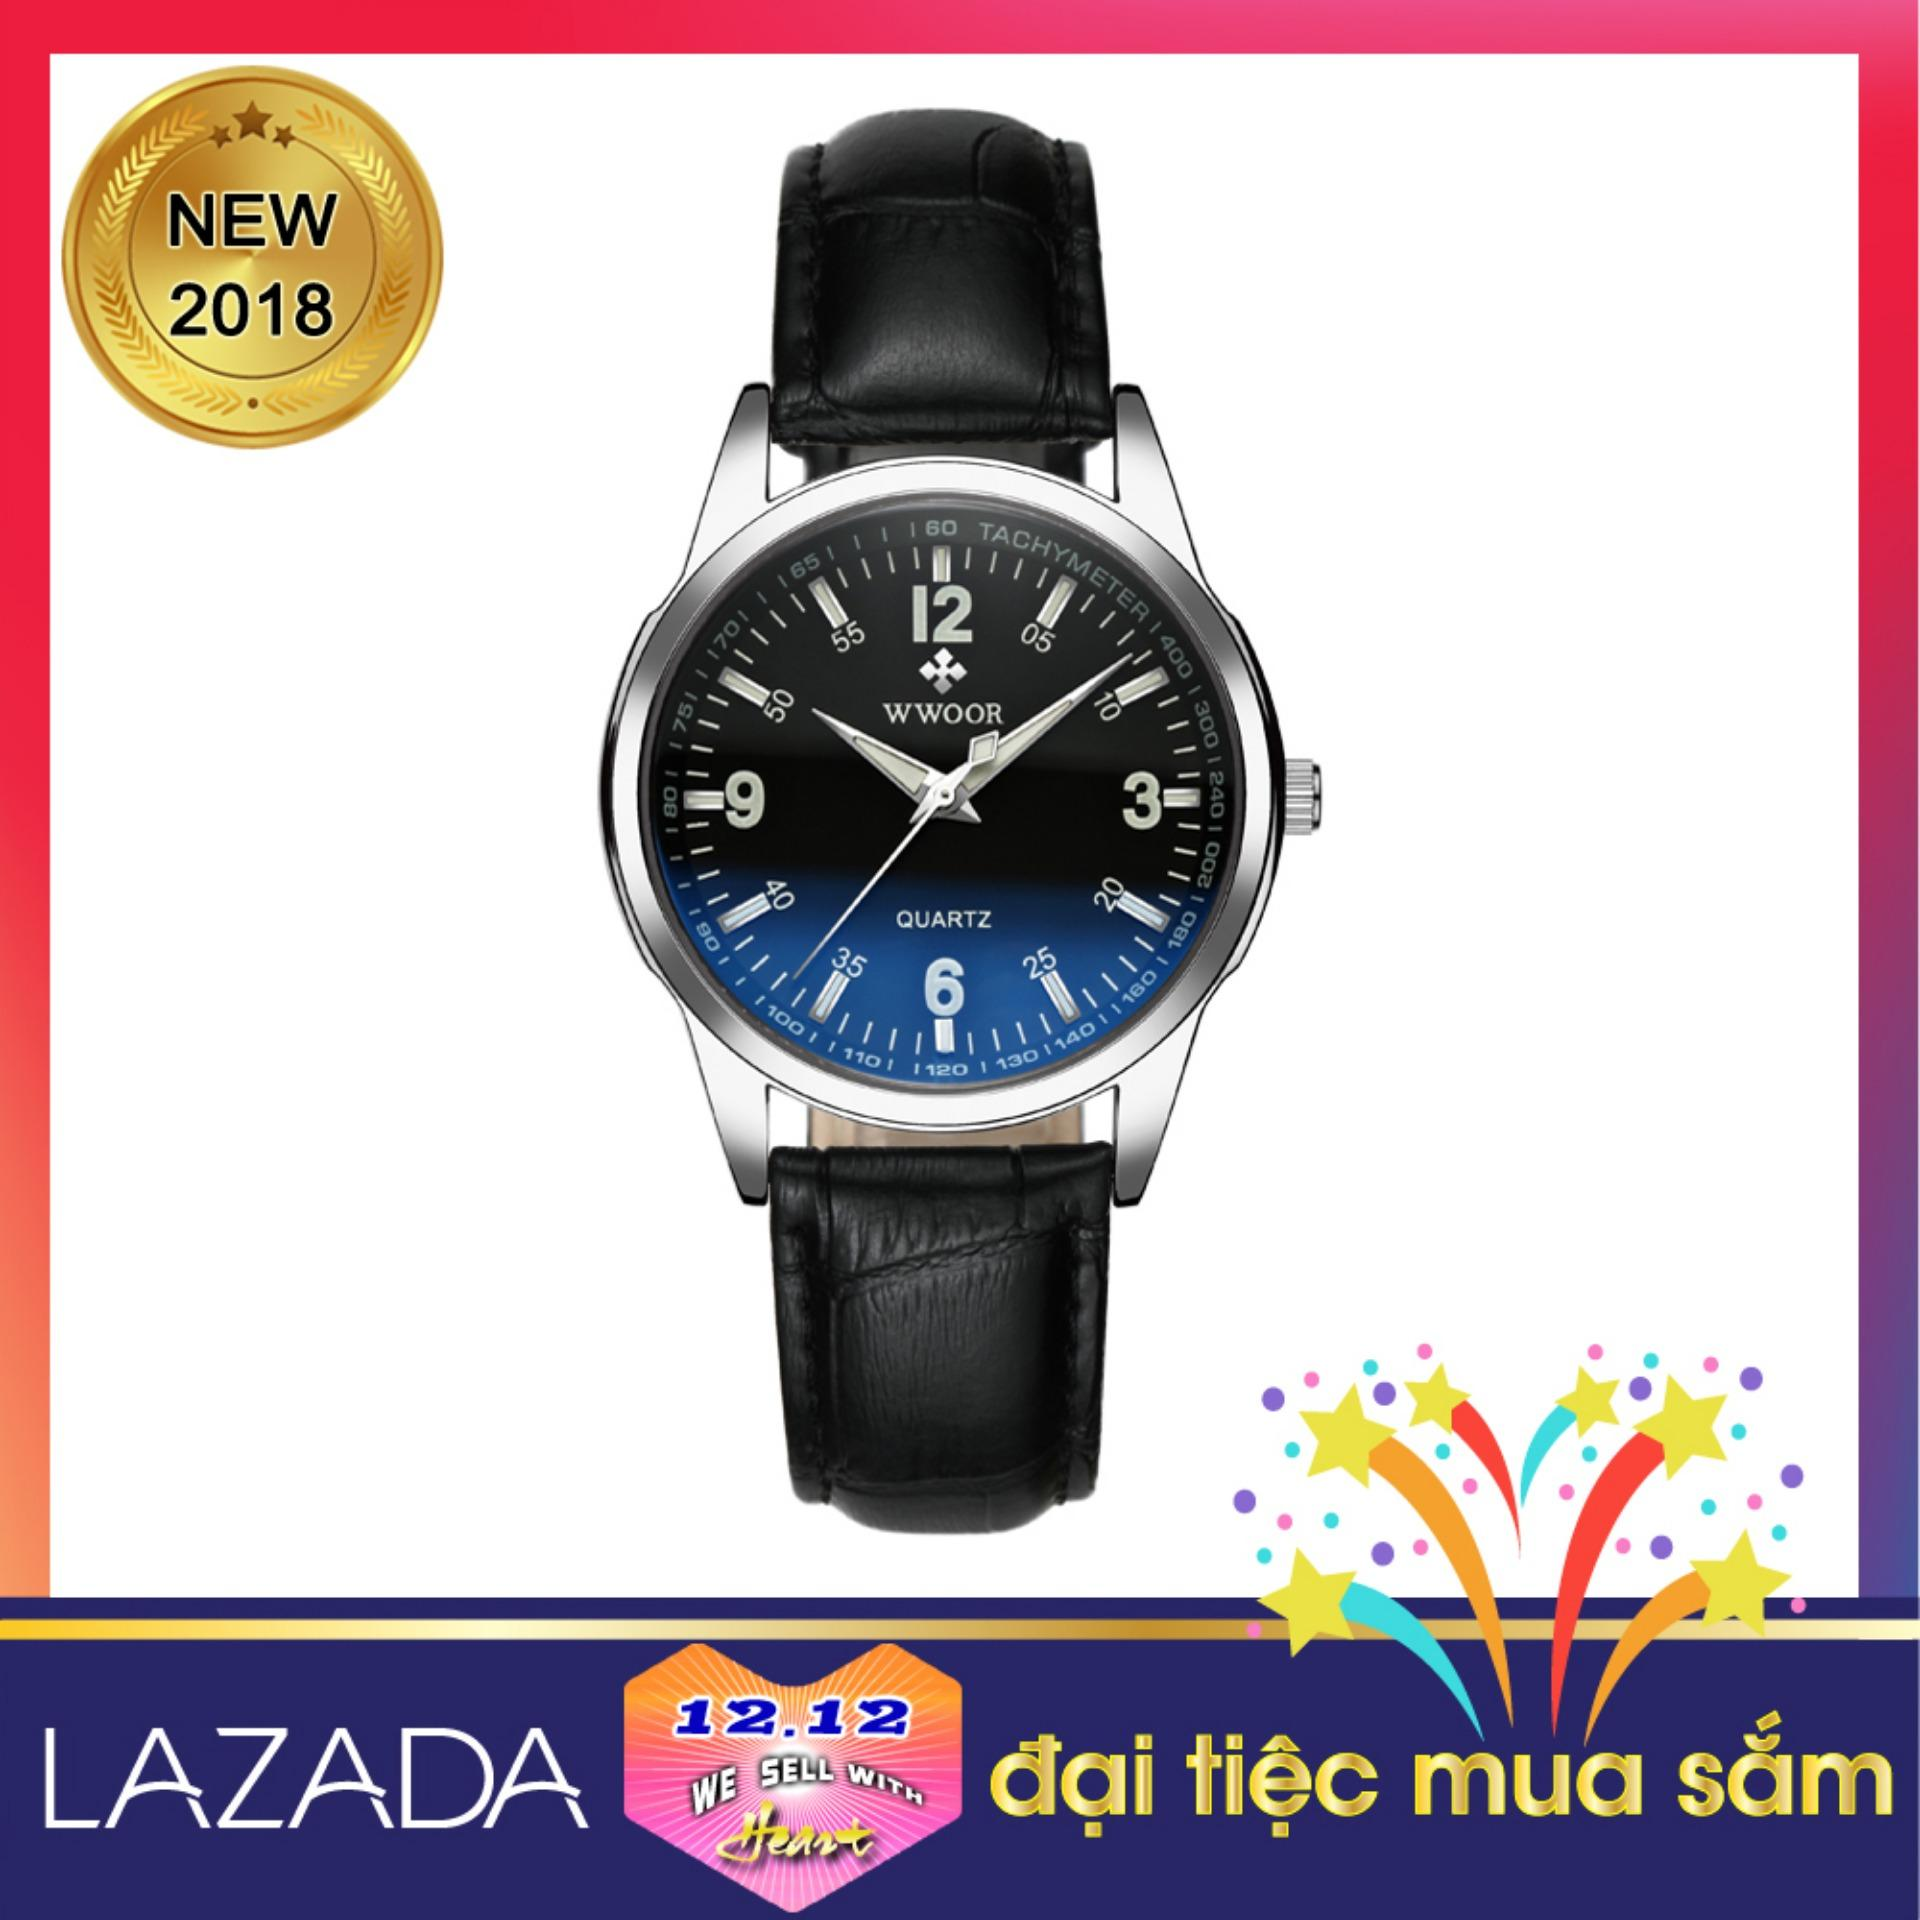 Đồng hồ dây da, kính đổi màu WWOOR 8861, tặng thêm Pin đồng hồ đeo tay SONY 626 Japan bán chạy